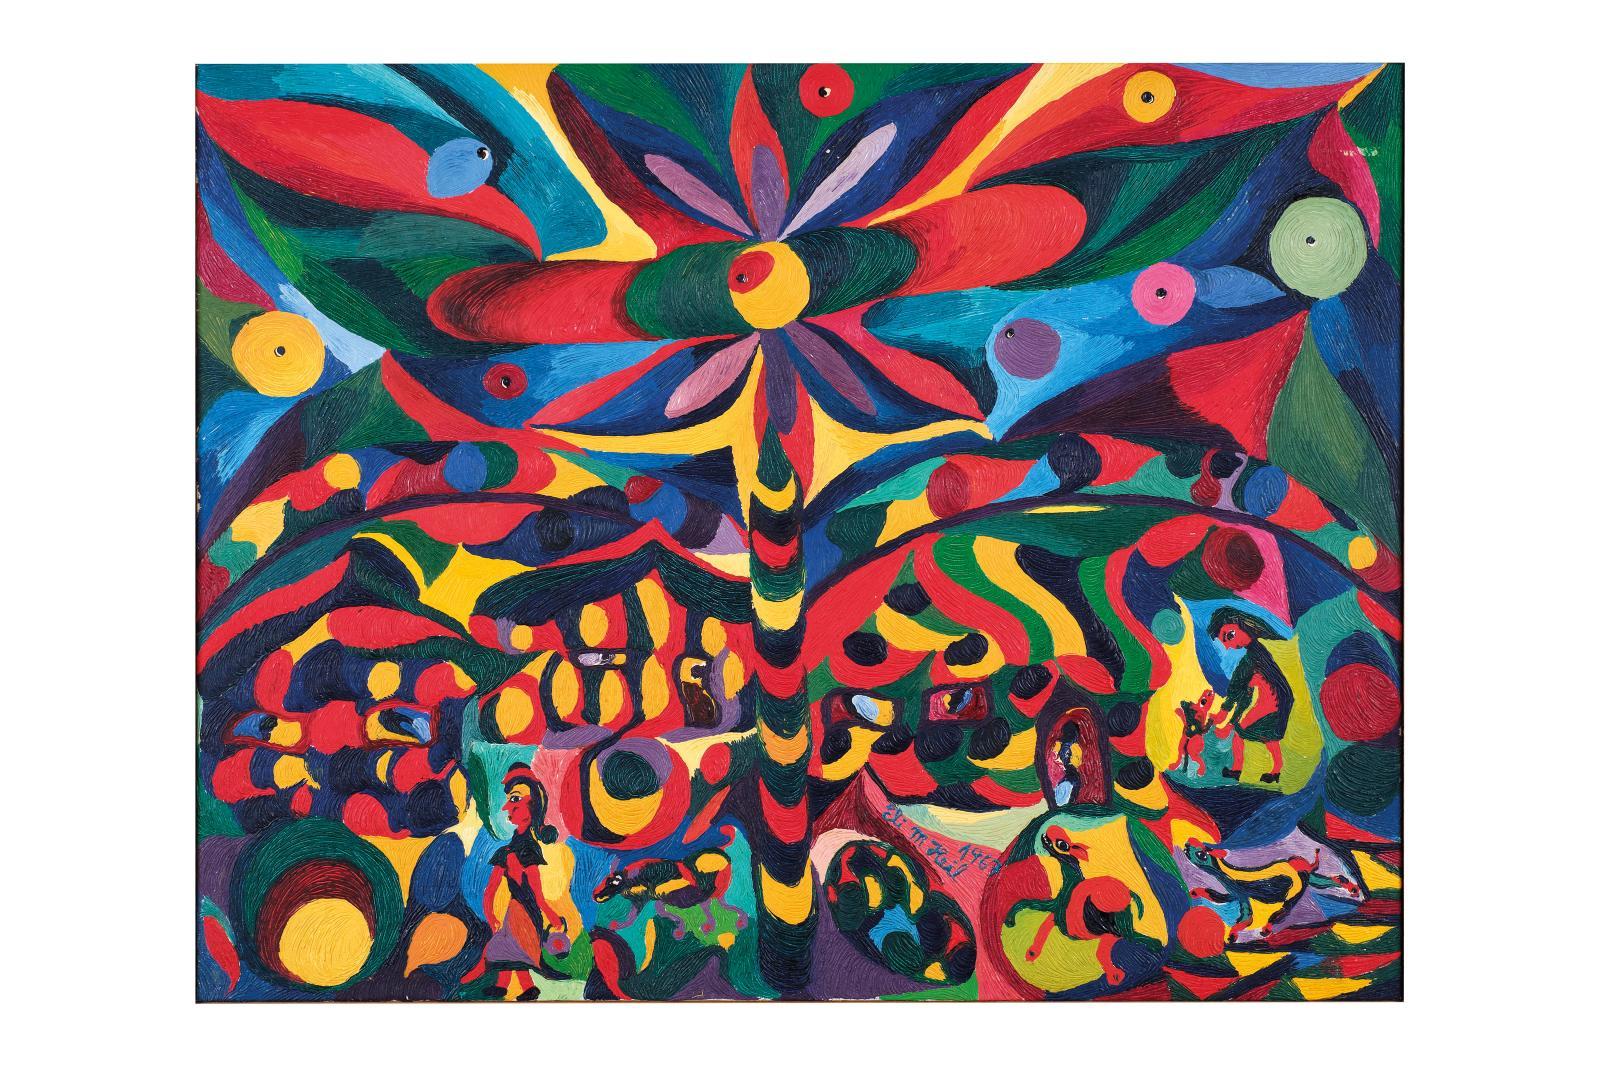 Eli Malvina Heil(1929-2017), Propriété explosive, 1967, huile et acrylique sur toile.  ©Alain Machelidon